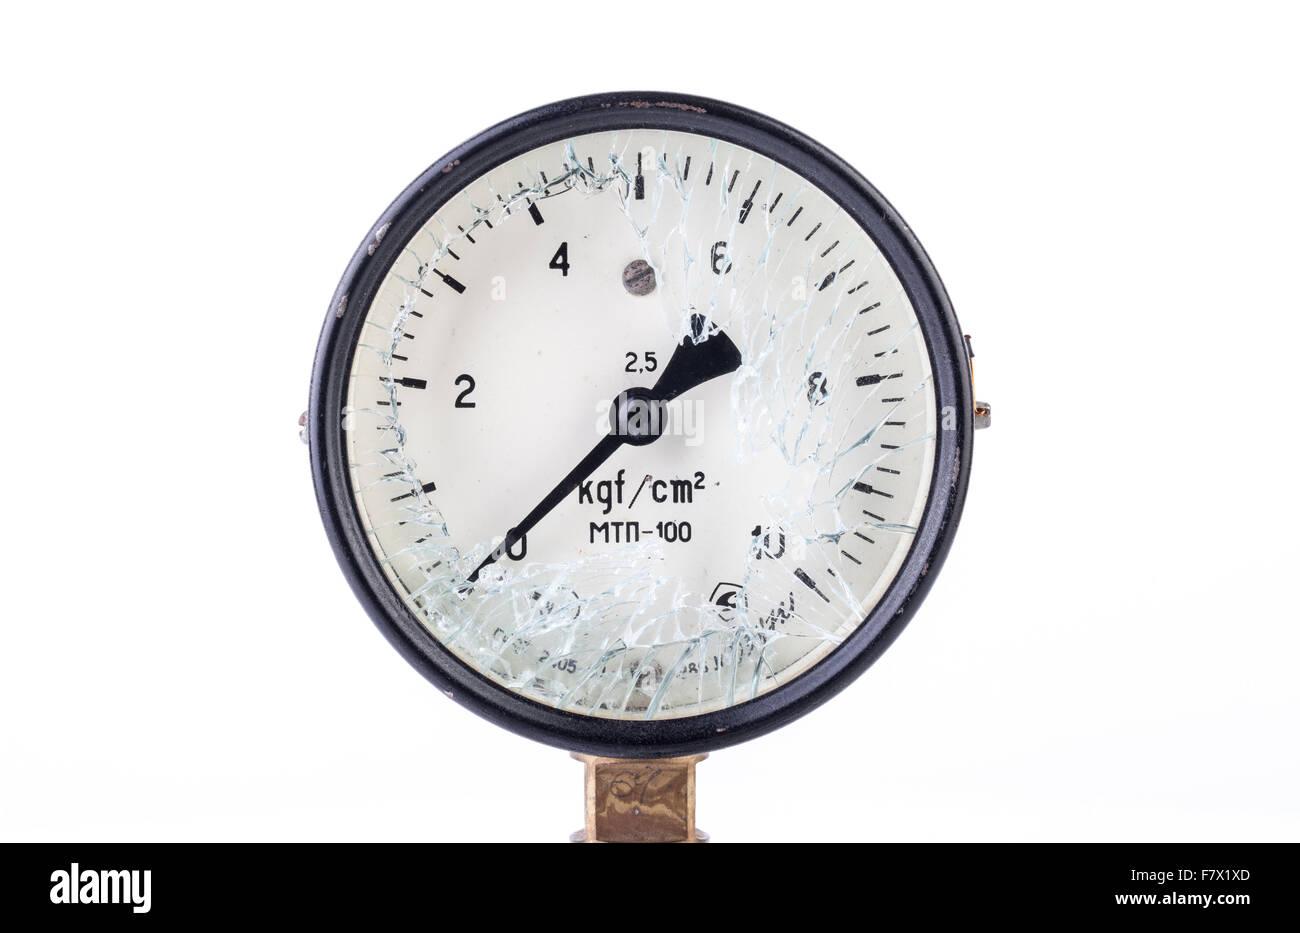 Old Broken Manometer - Pressure Gauge - Stock Image